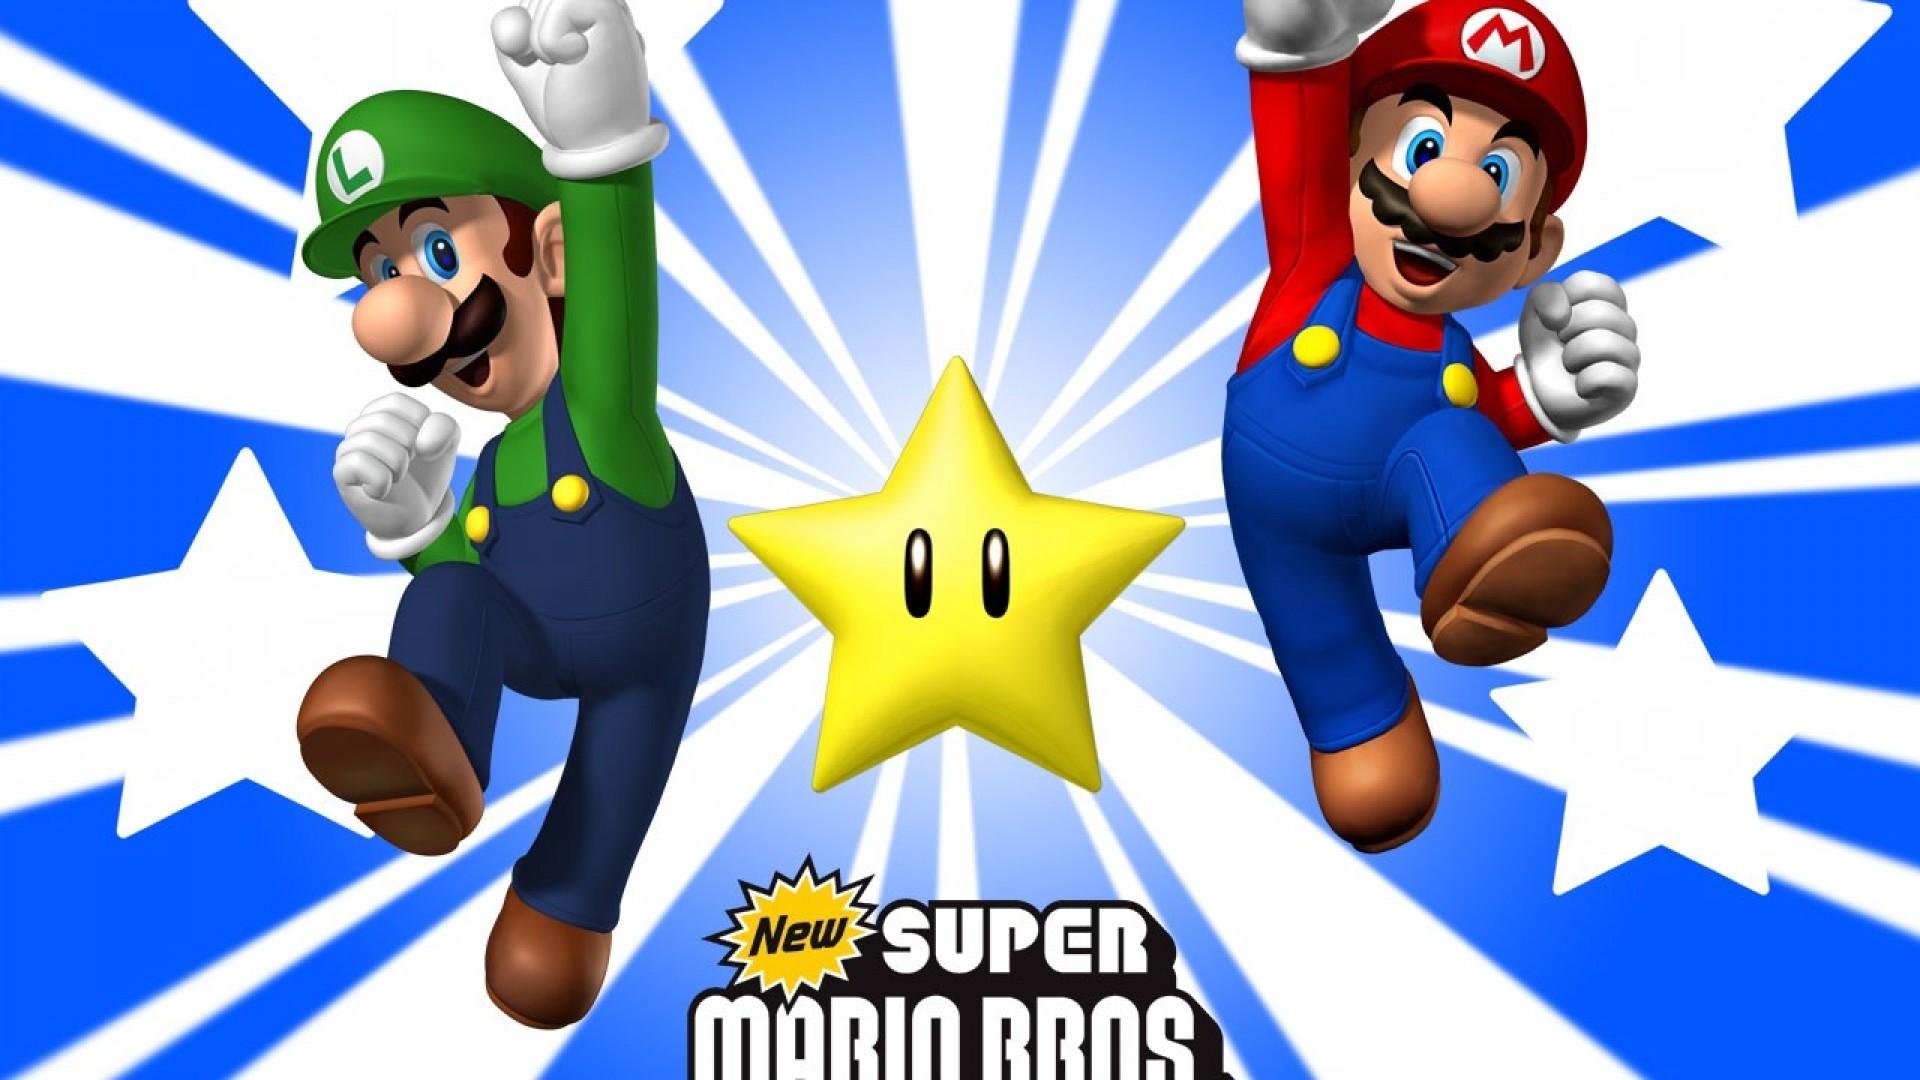 Mario And Luigi Pictures